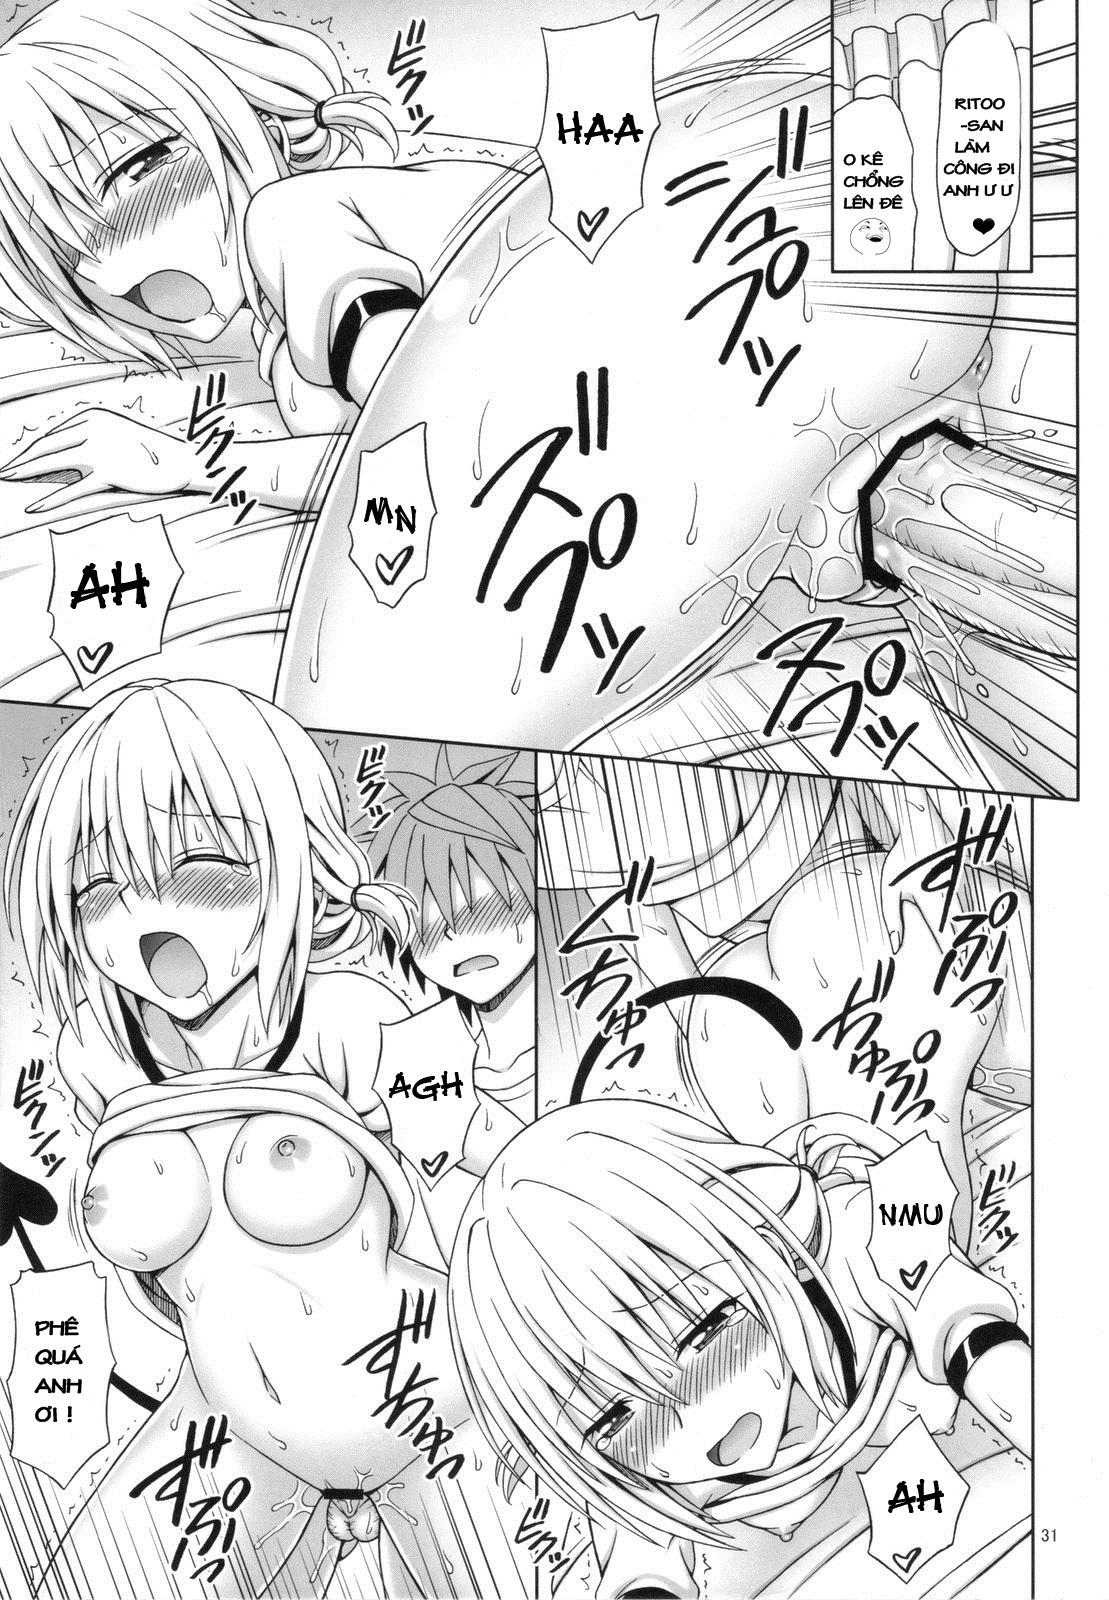 Hình ảnh  trong bài viết Tearju-sensei no Houkago Trouble